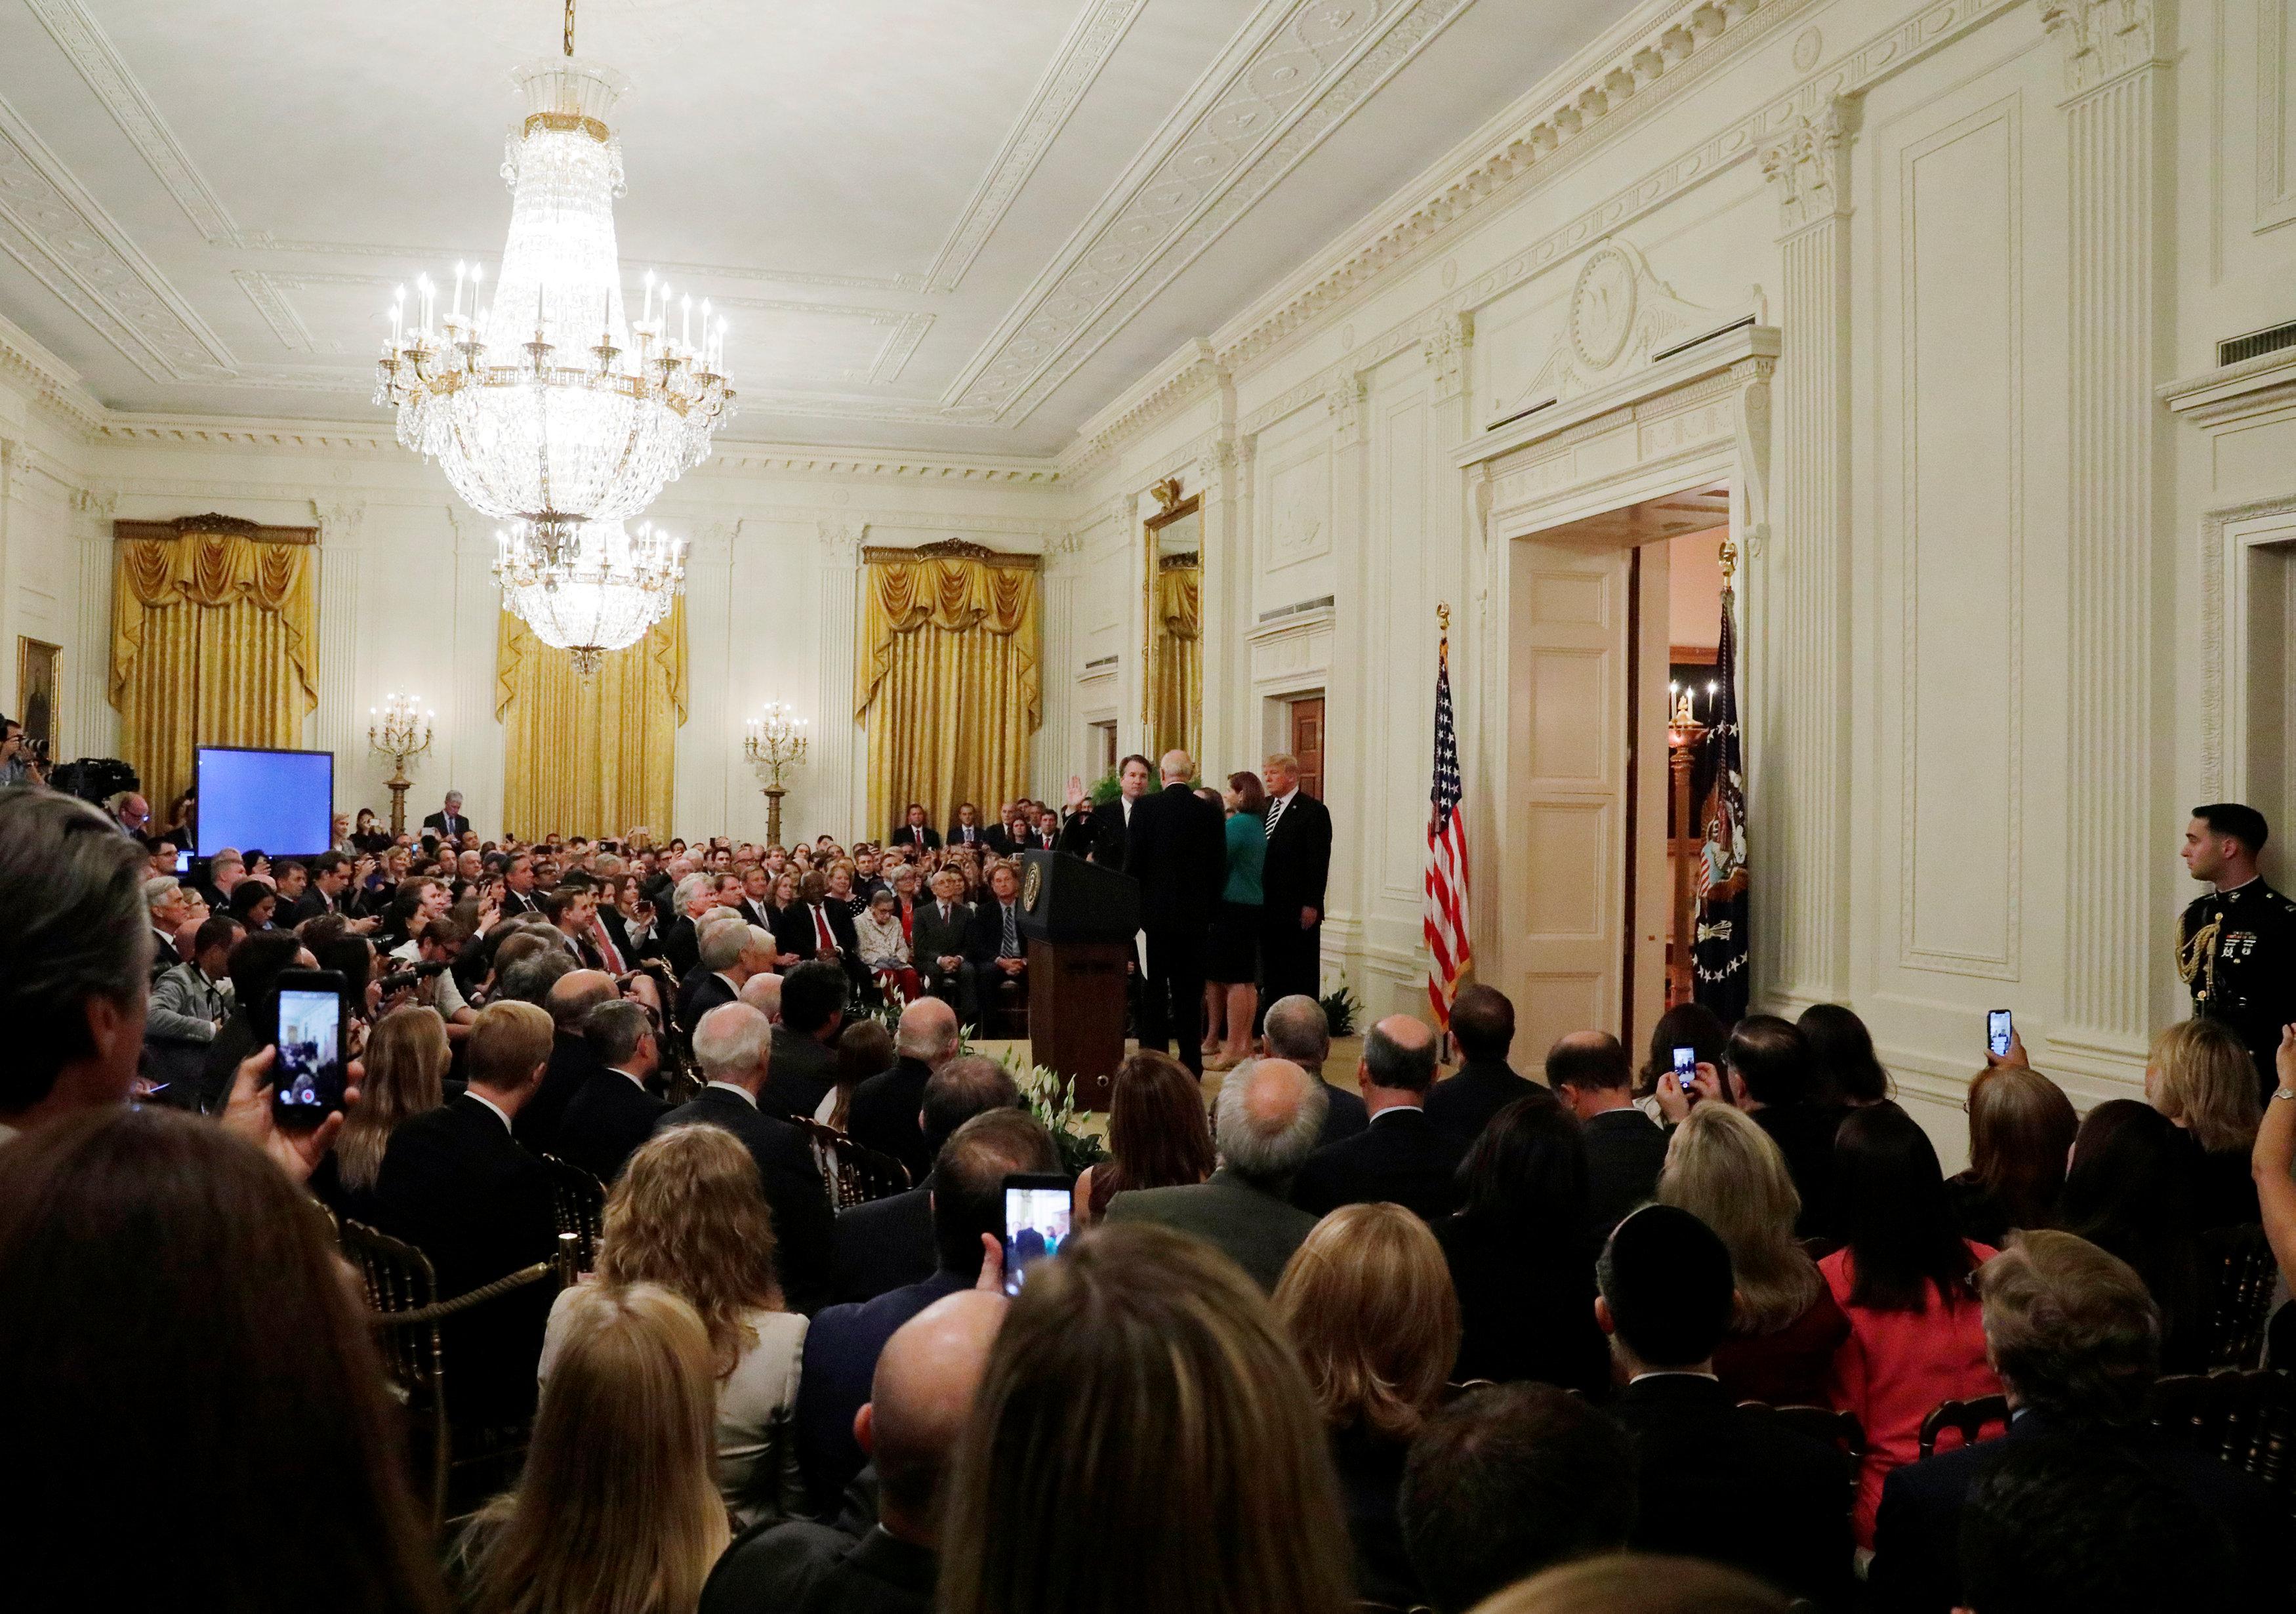 قاعة الحضور فى البيت الأبيض